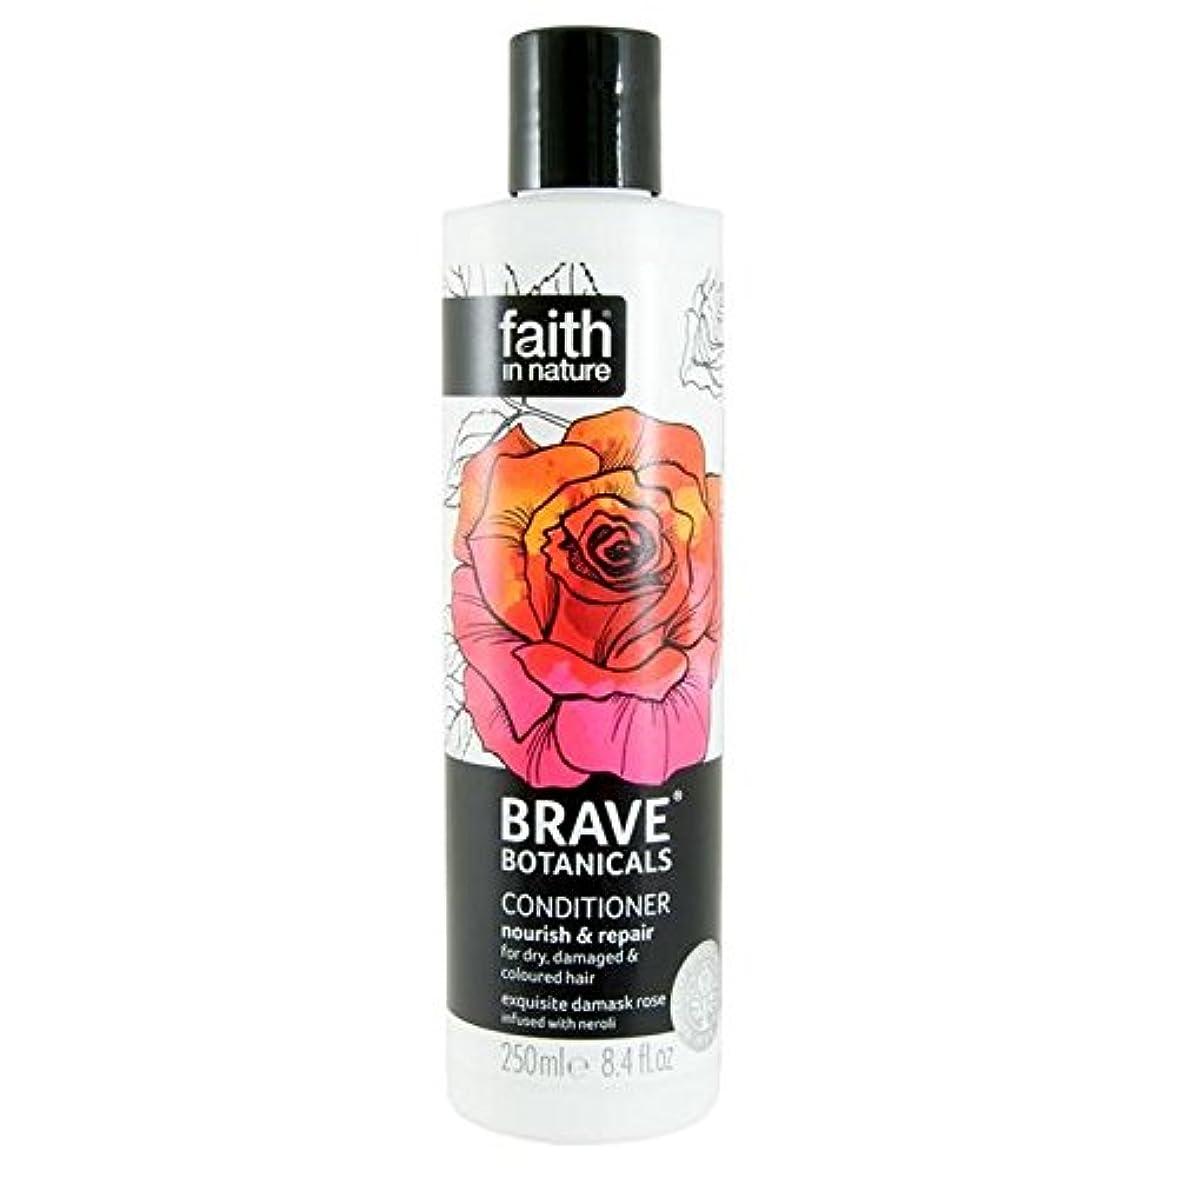 横有力者ライムBrave Botanicals Rose & Neroli Nourish & Repair Conditioner 250ml (Pack of 2) - (Faith In Nature) 勇敢な植物は、ローズ&ネロリは養う&リペアコンディショナー250Ml (x2) [並行輸入品]